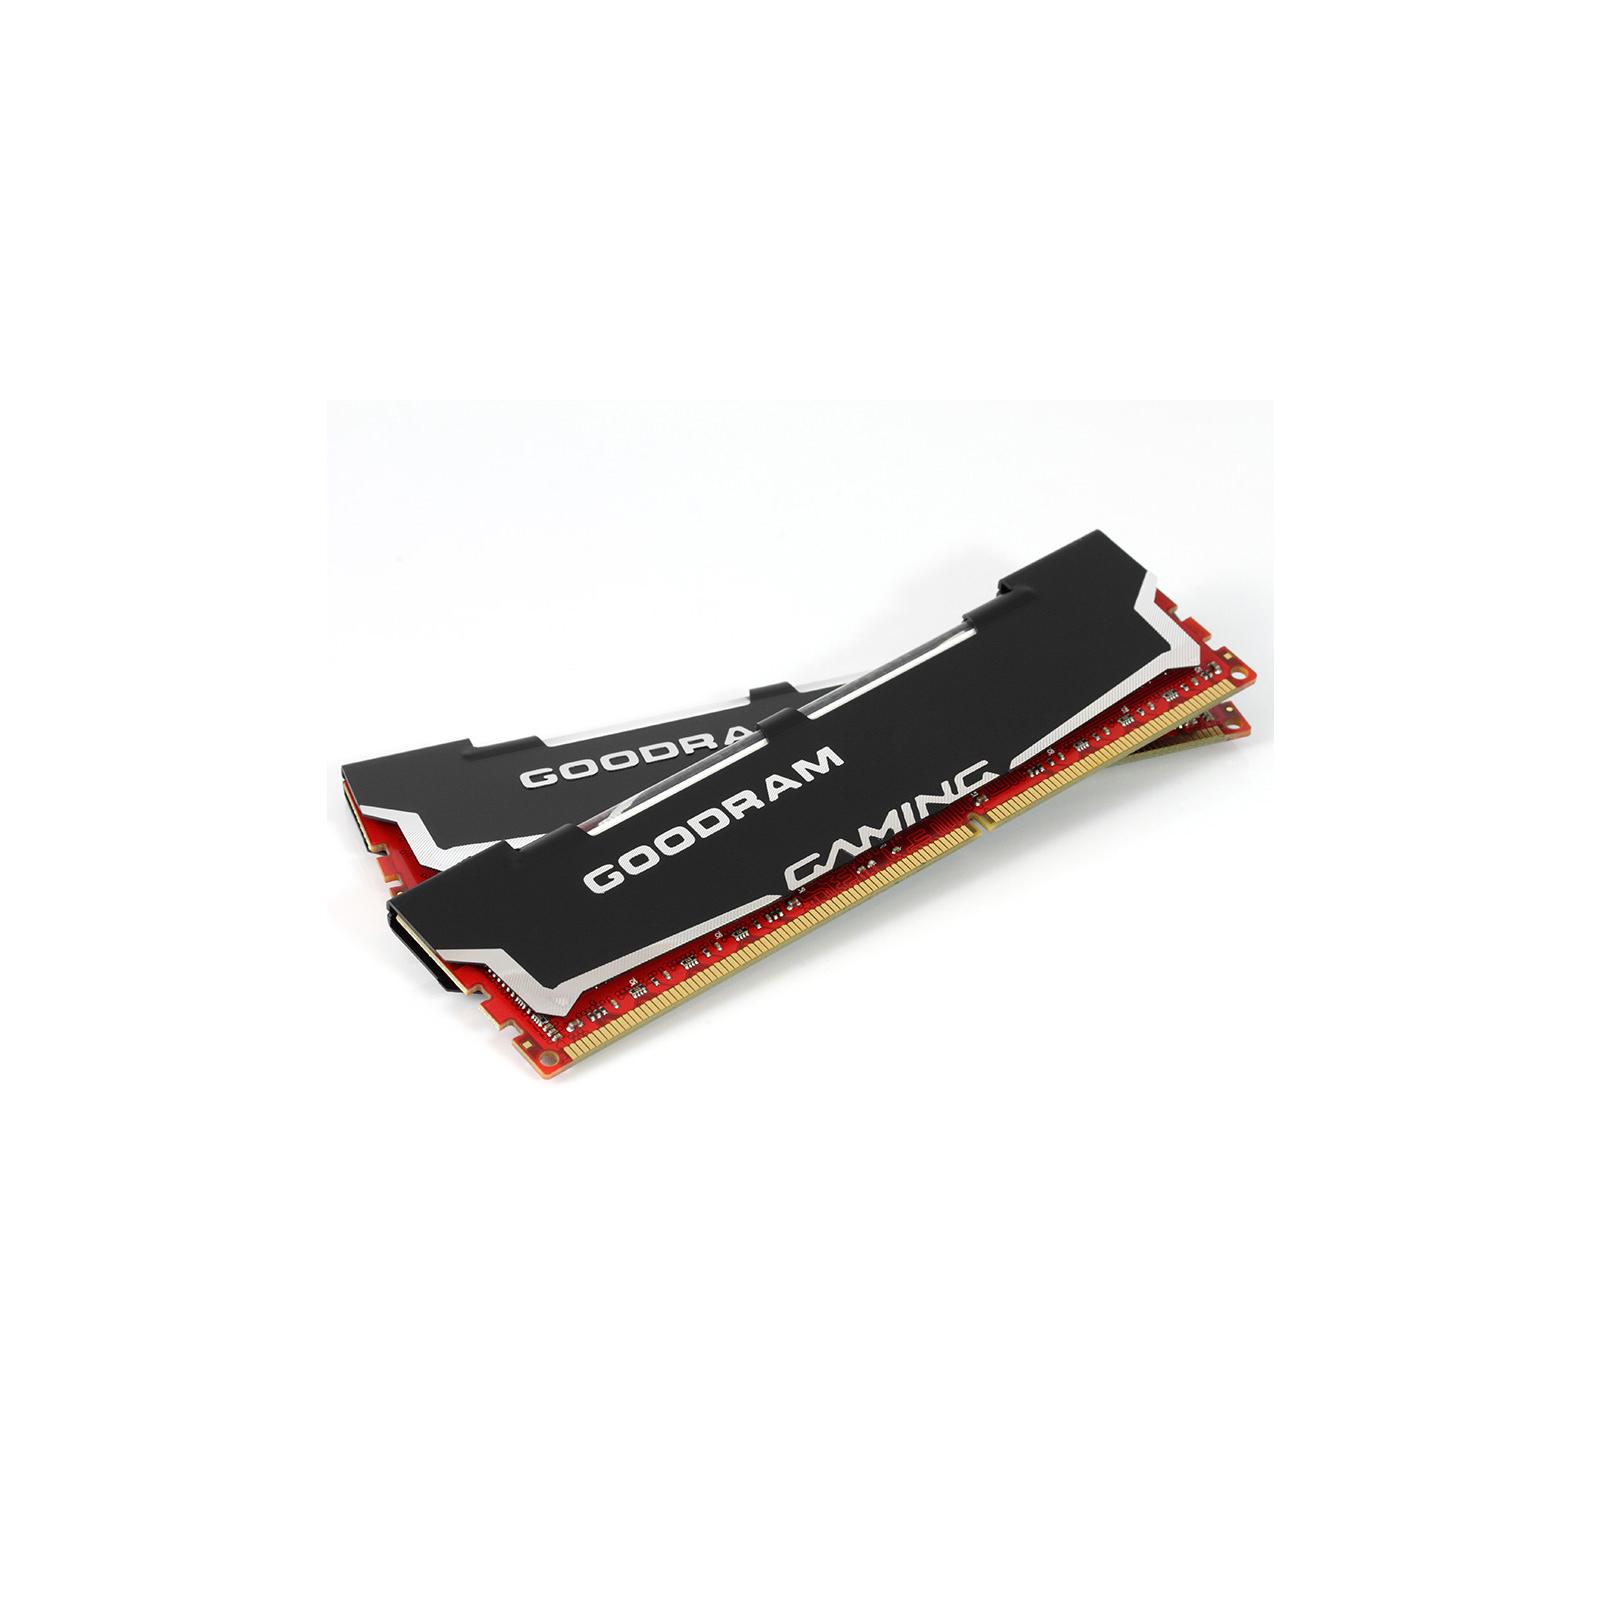 Модуль памяти для компьютера DDR3 8Gb (2x4GB) 2133 MHz Led Gaming GOODRAM (GL2133D364L10A/8GDC) изображение 2